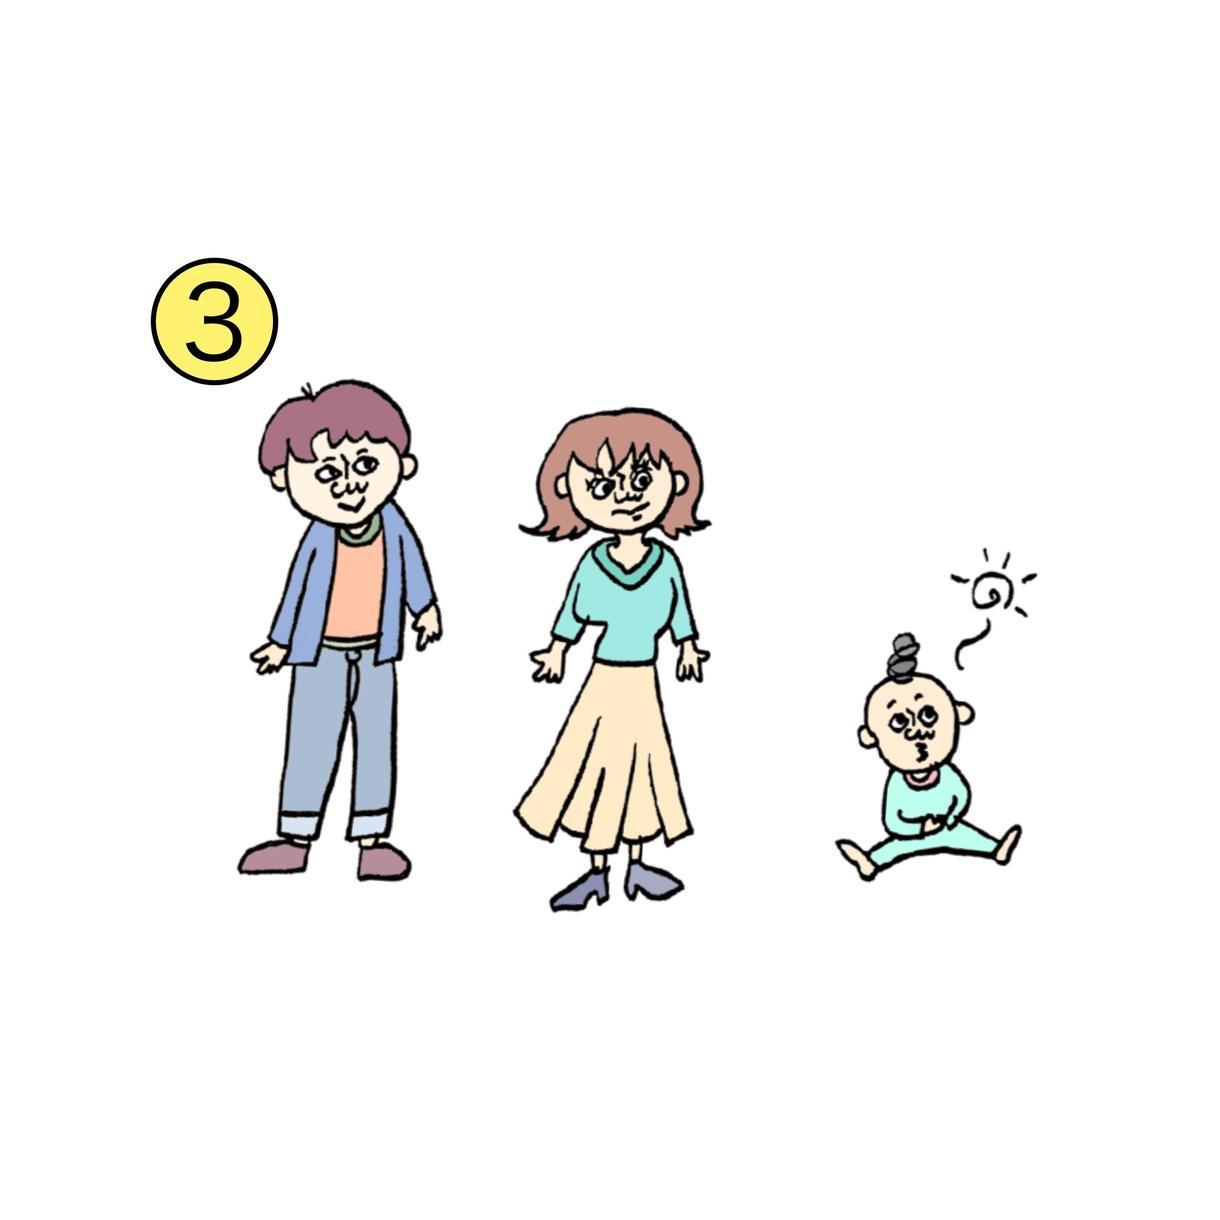 商用利用OK!様々なシーンでご利用いただけます 完全手描きのイラスト。SNSのアイコンやブログの挿絵に